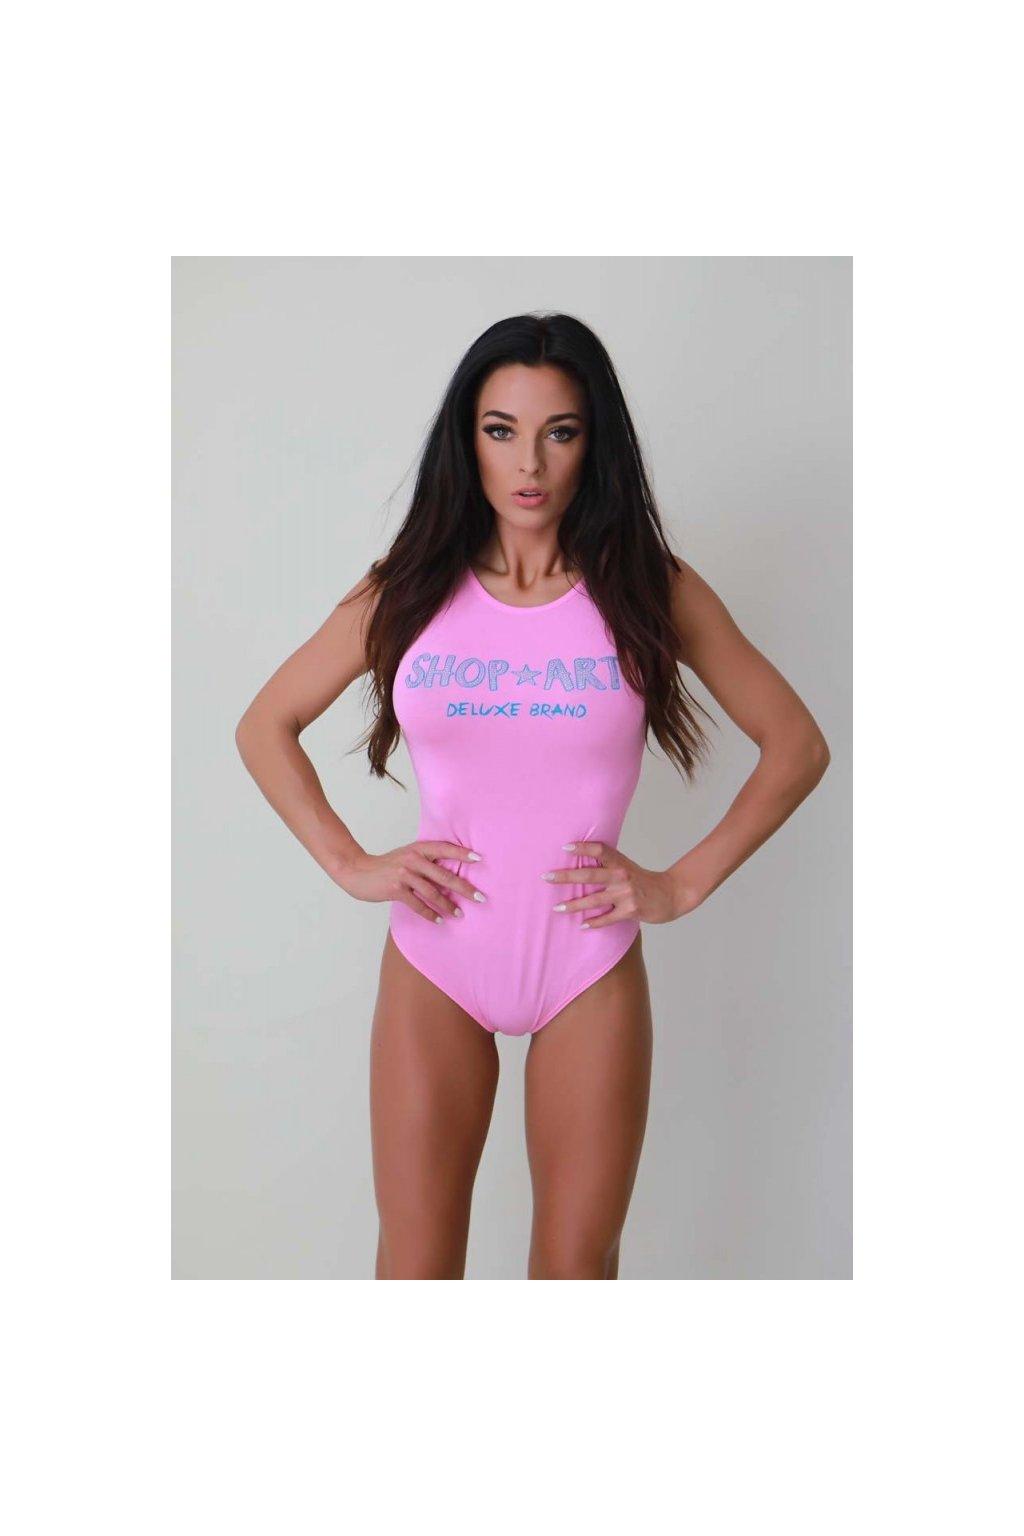 Body Shop Art - růžové s modrým kamínkovým nápisem (Velikost Velikost M)